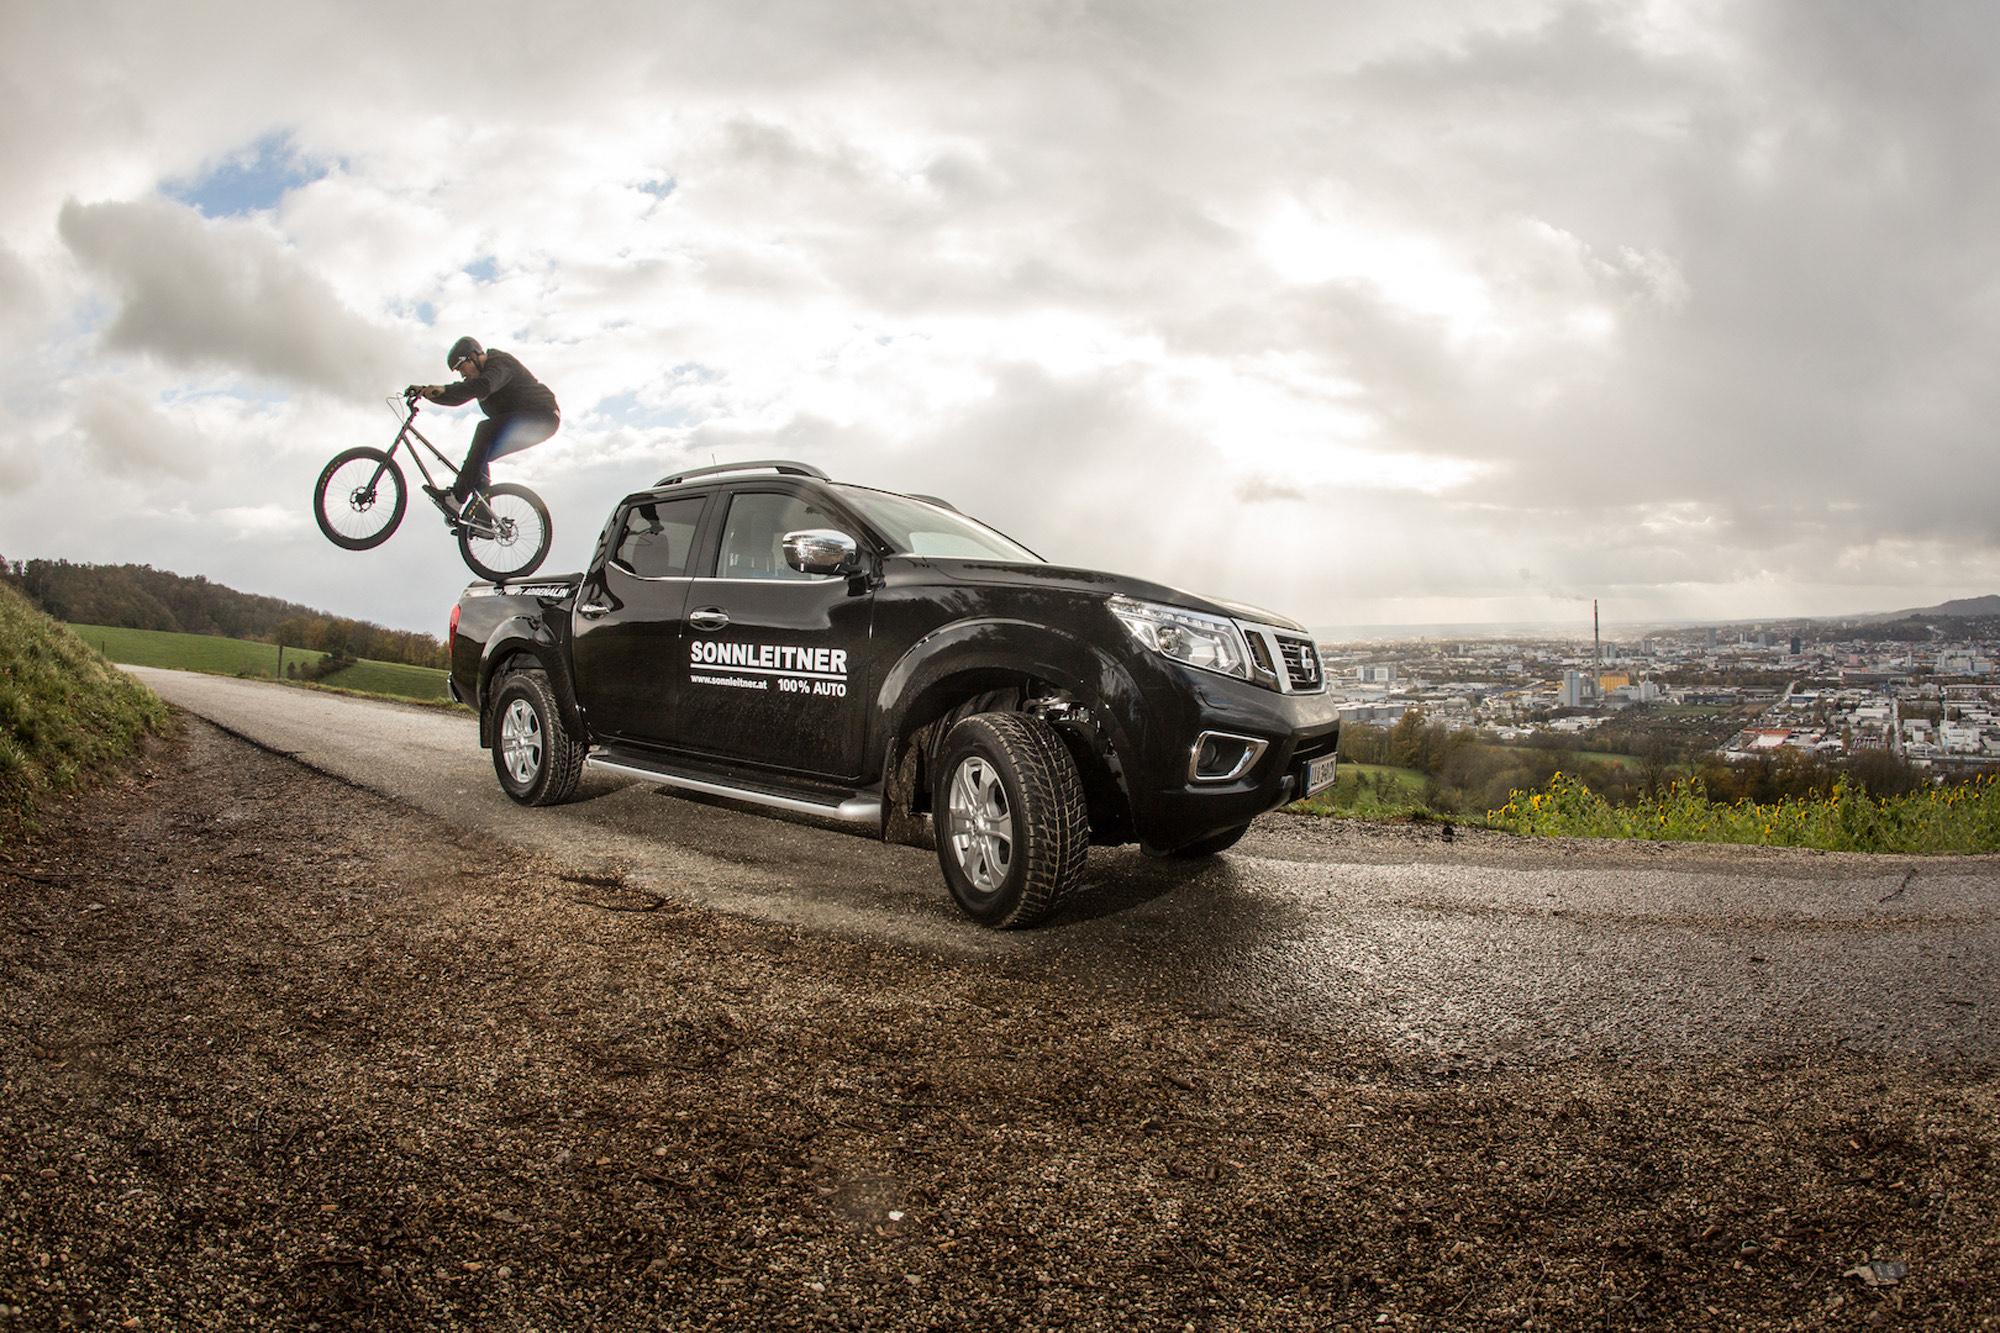 Dominik Raab springt mit seinem Trialbike von einem Nissan Navara runter